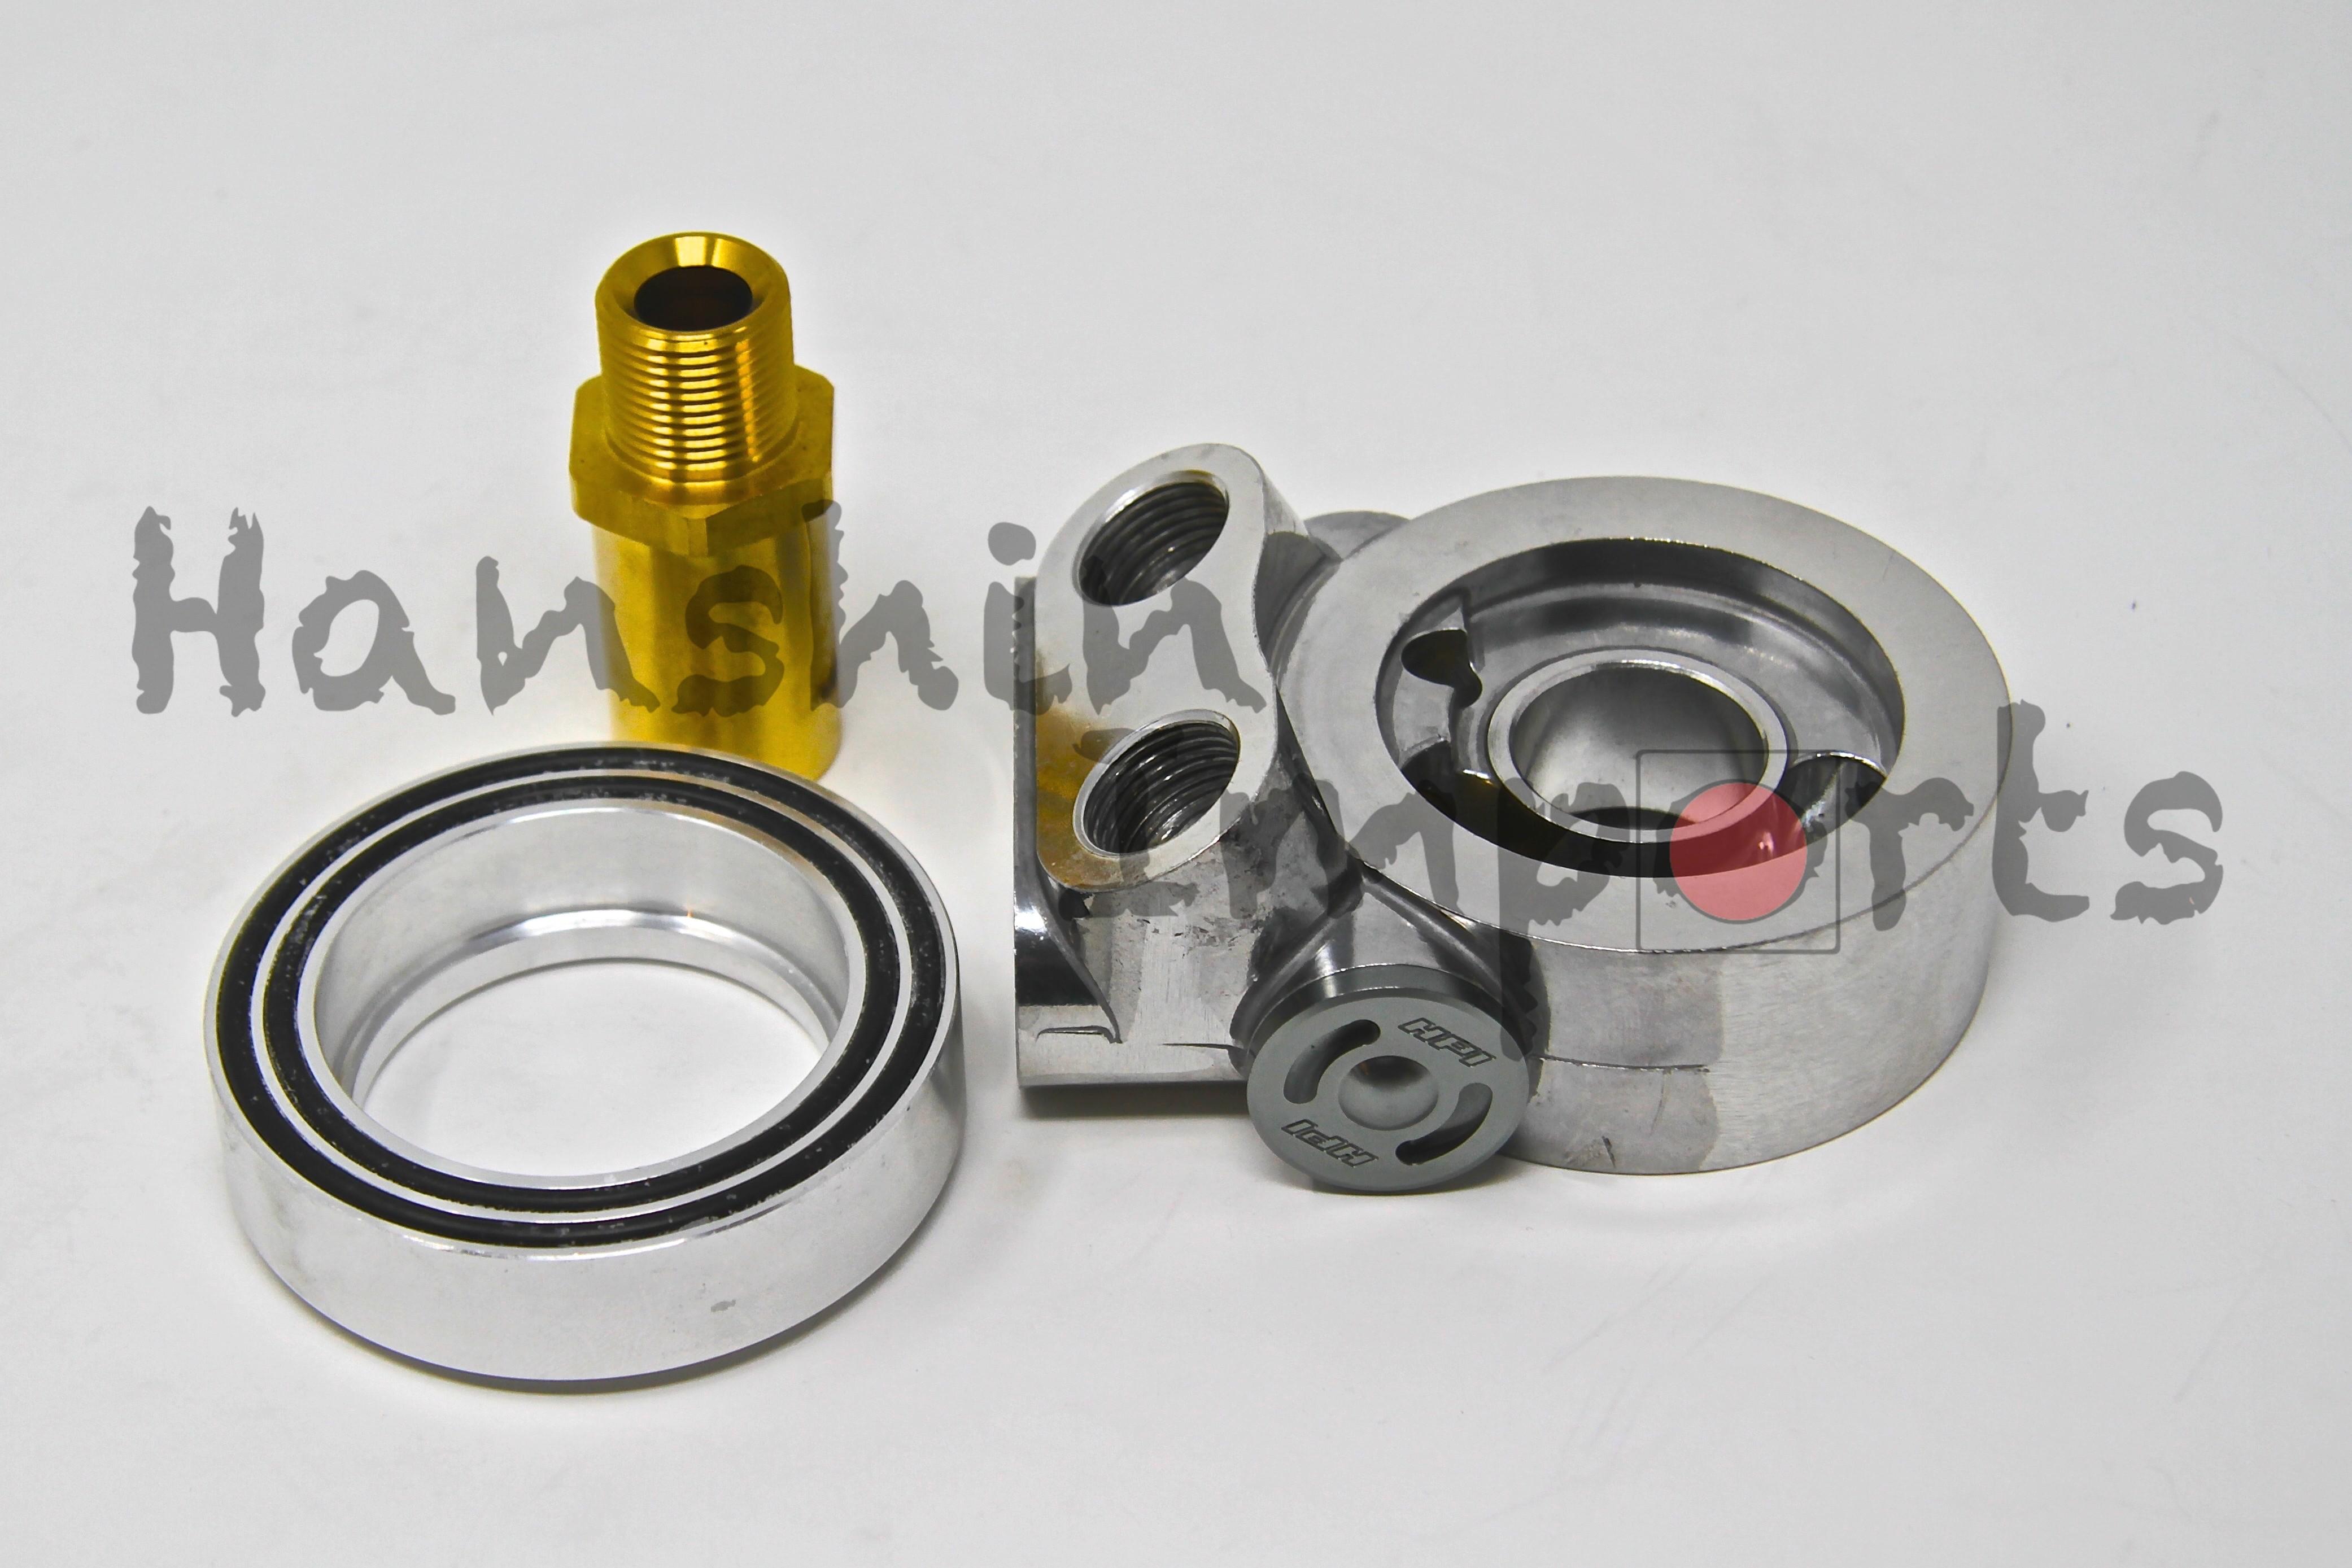 HPI Oil Cooler kit for Toyota GT86